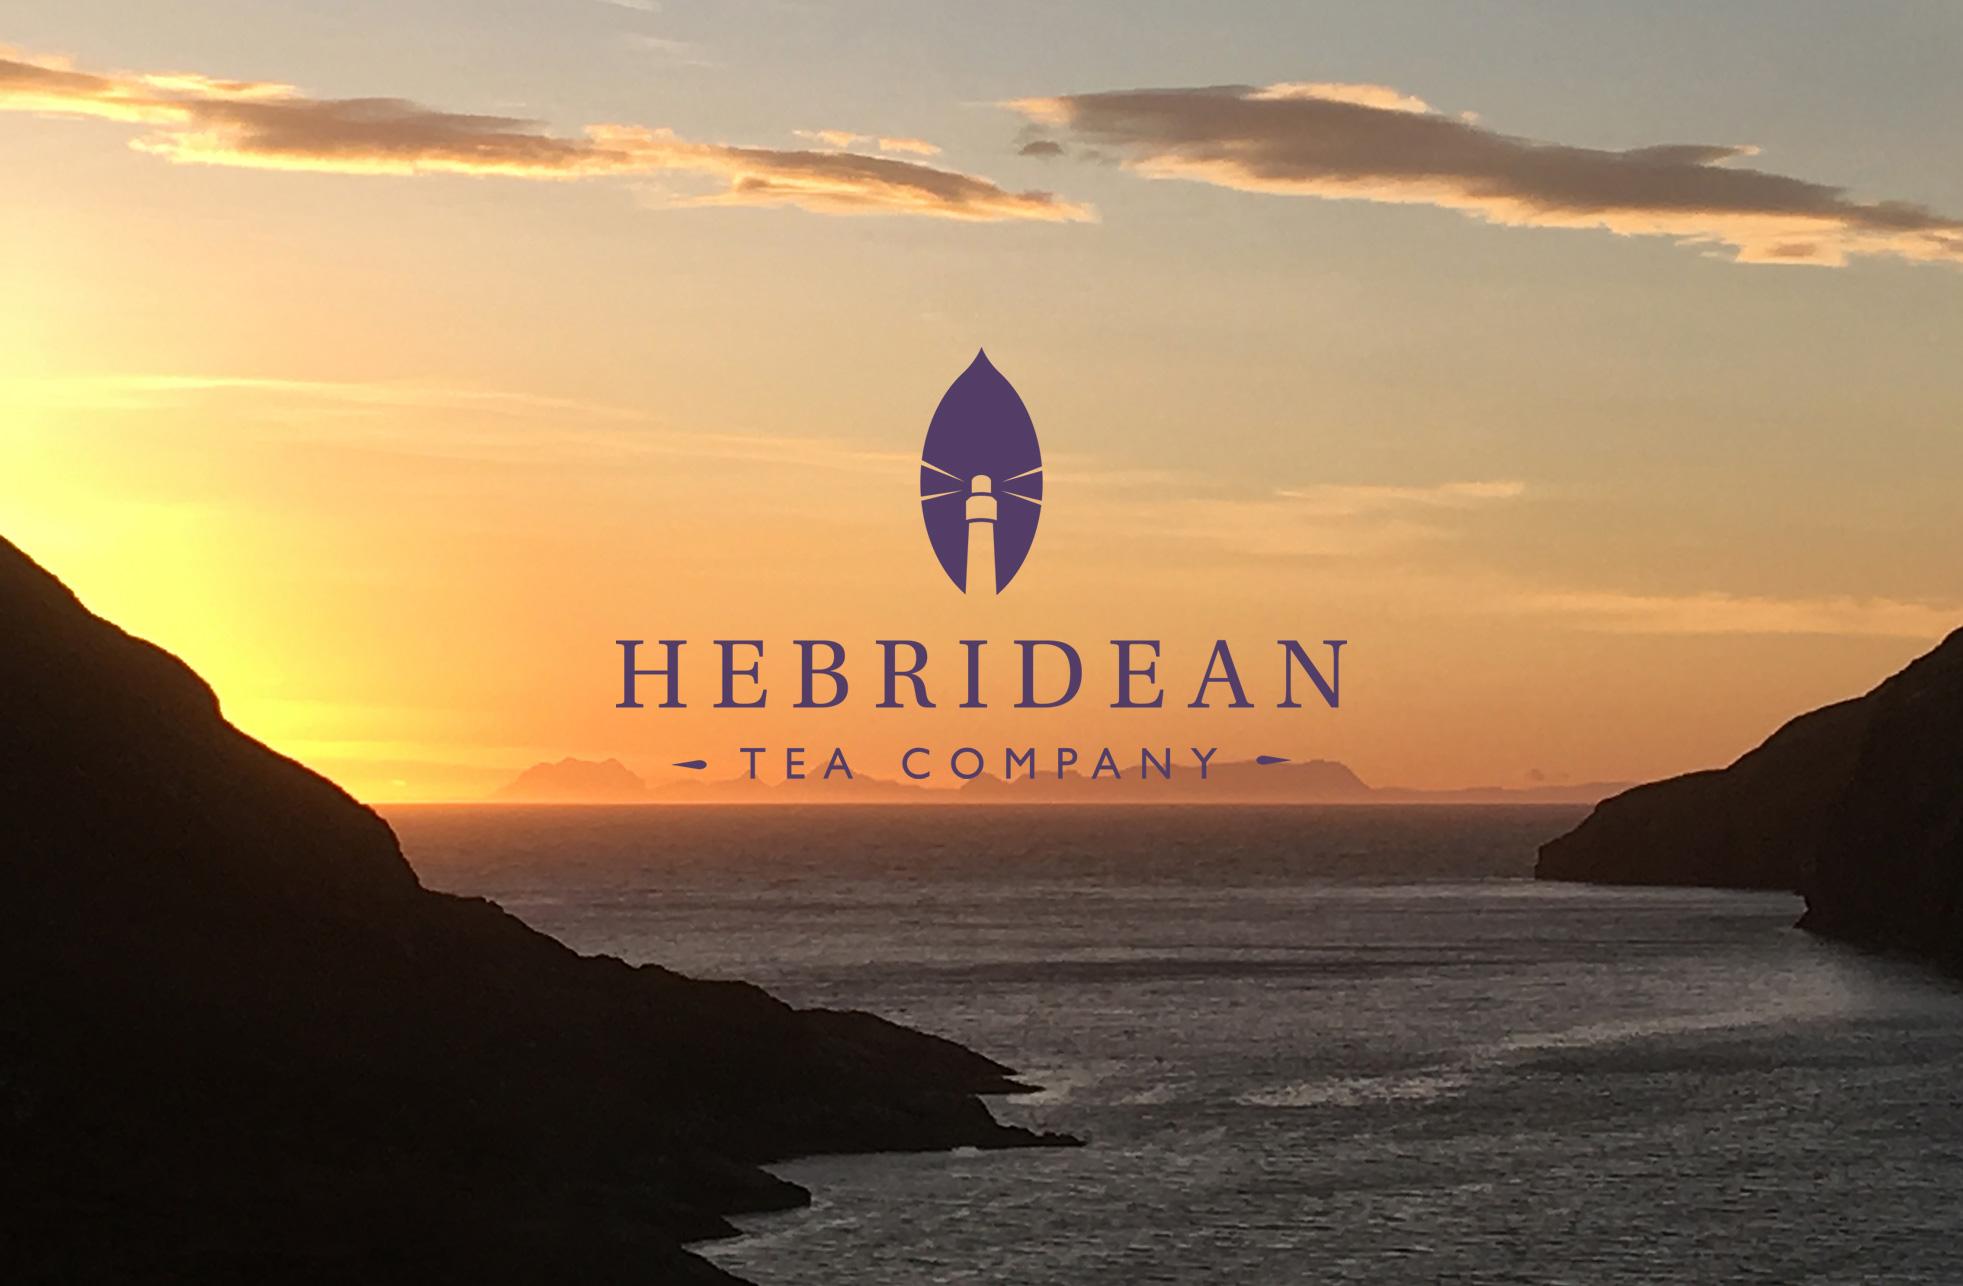 Hebridean Tea Company